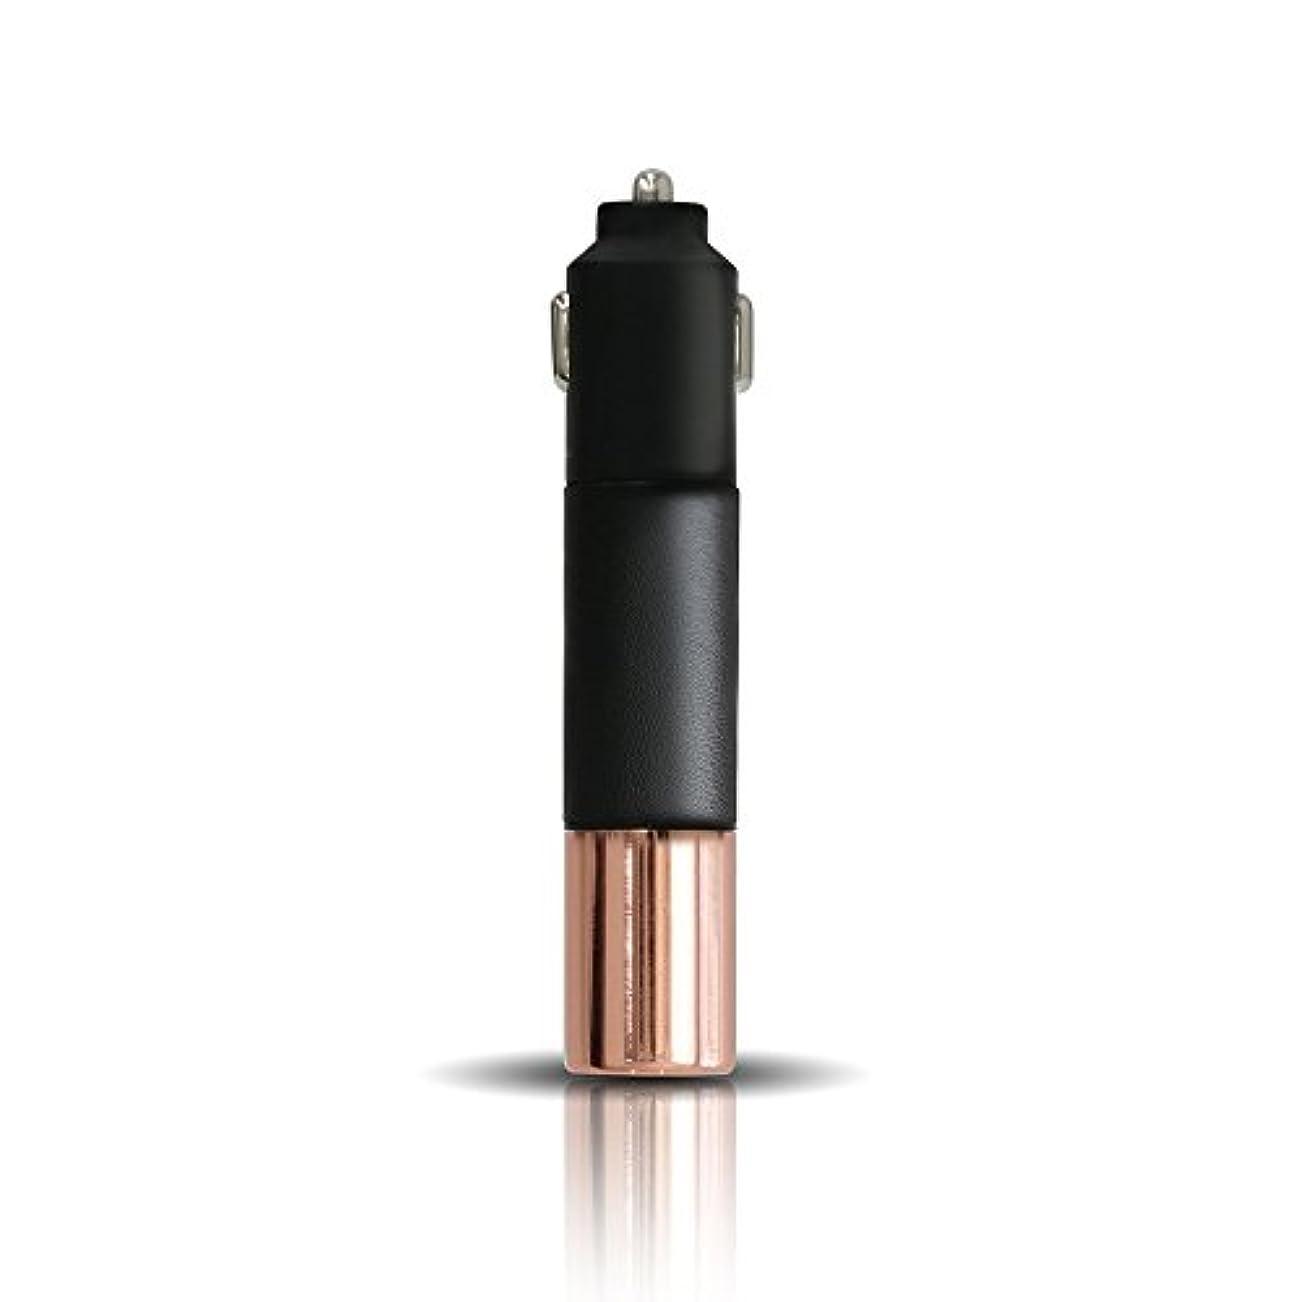 ソースホットセットアップPRISMATE(プリズメイト) Driving Aroma Diffuser Leather and Metal PR-AD02C (BK(ブラック))